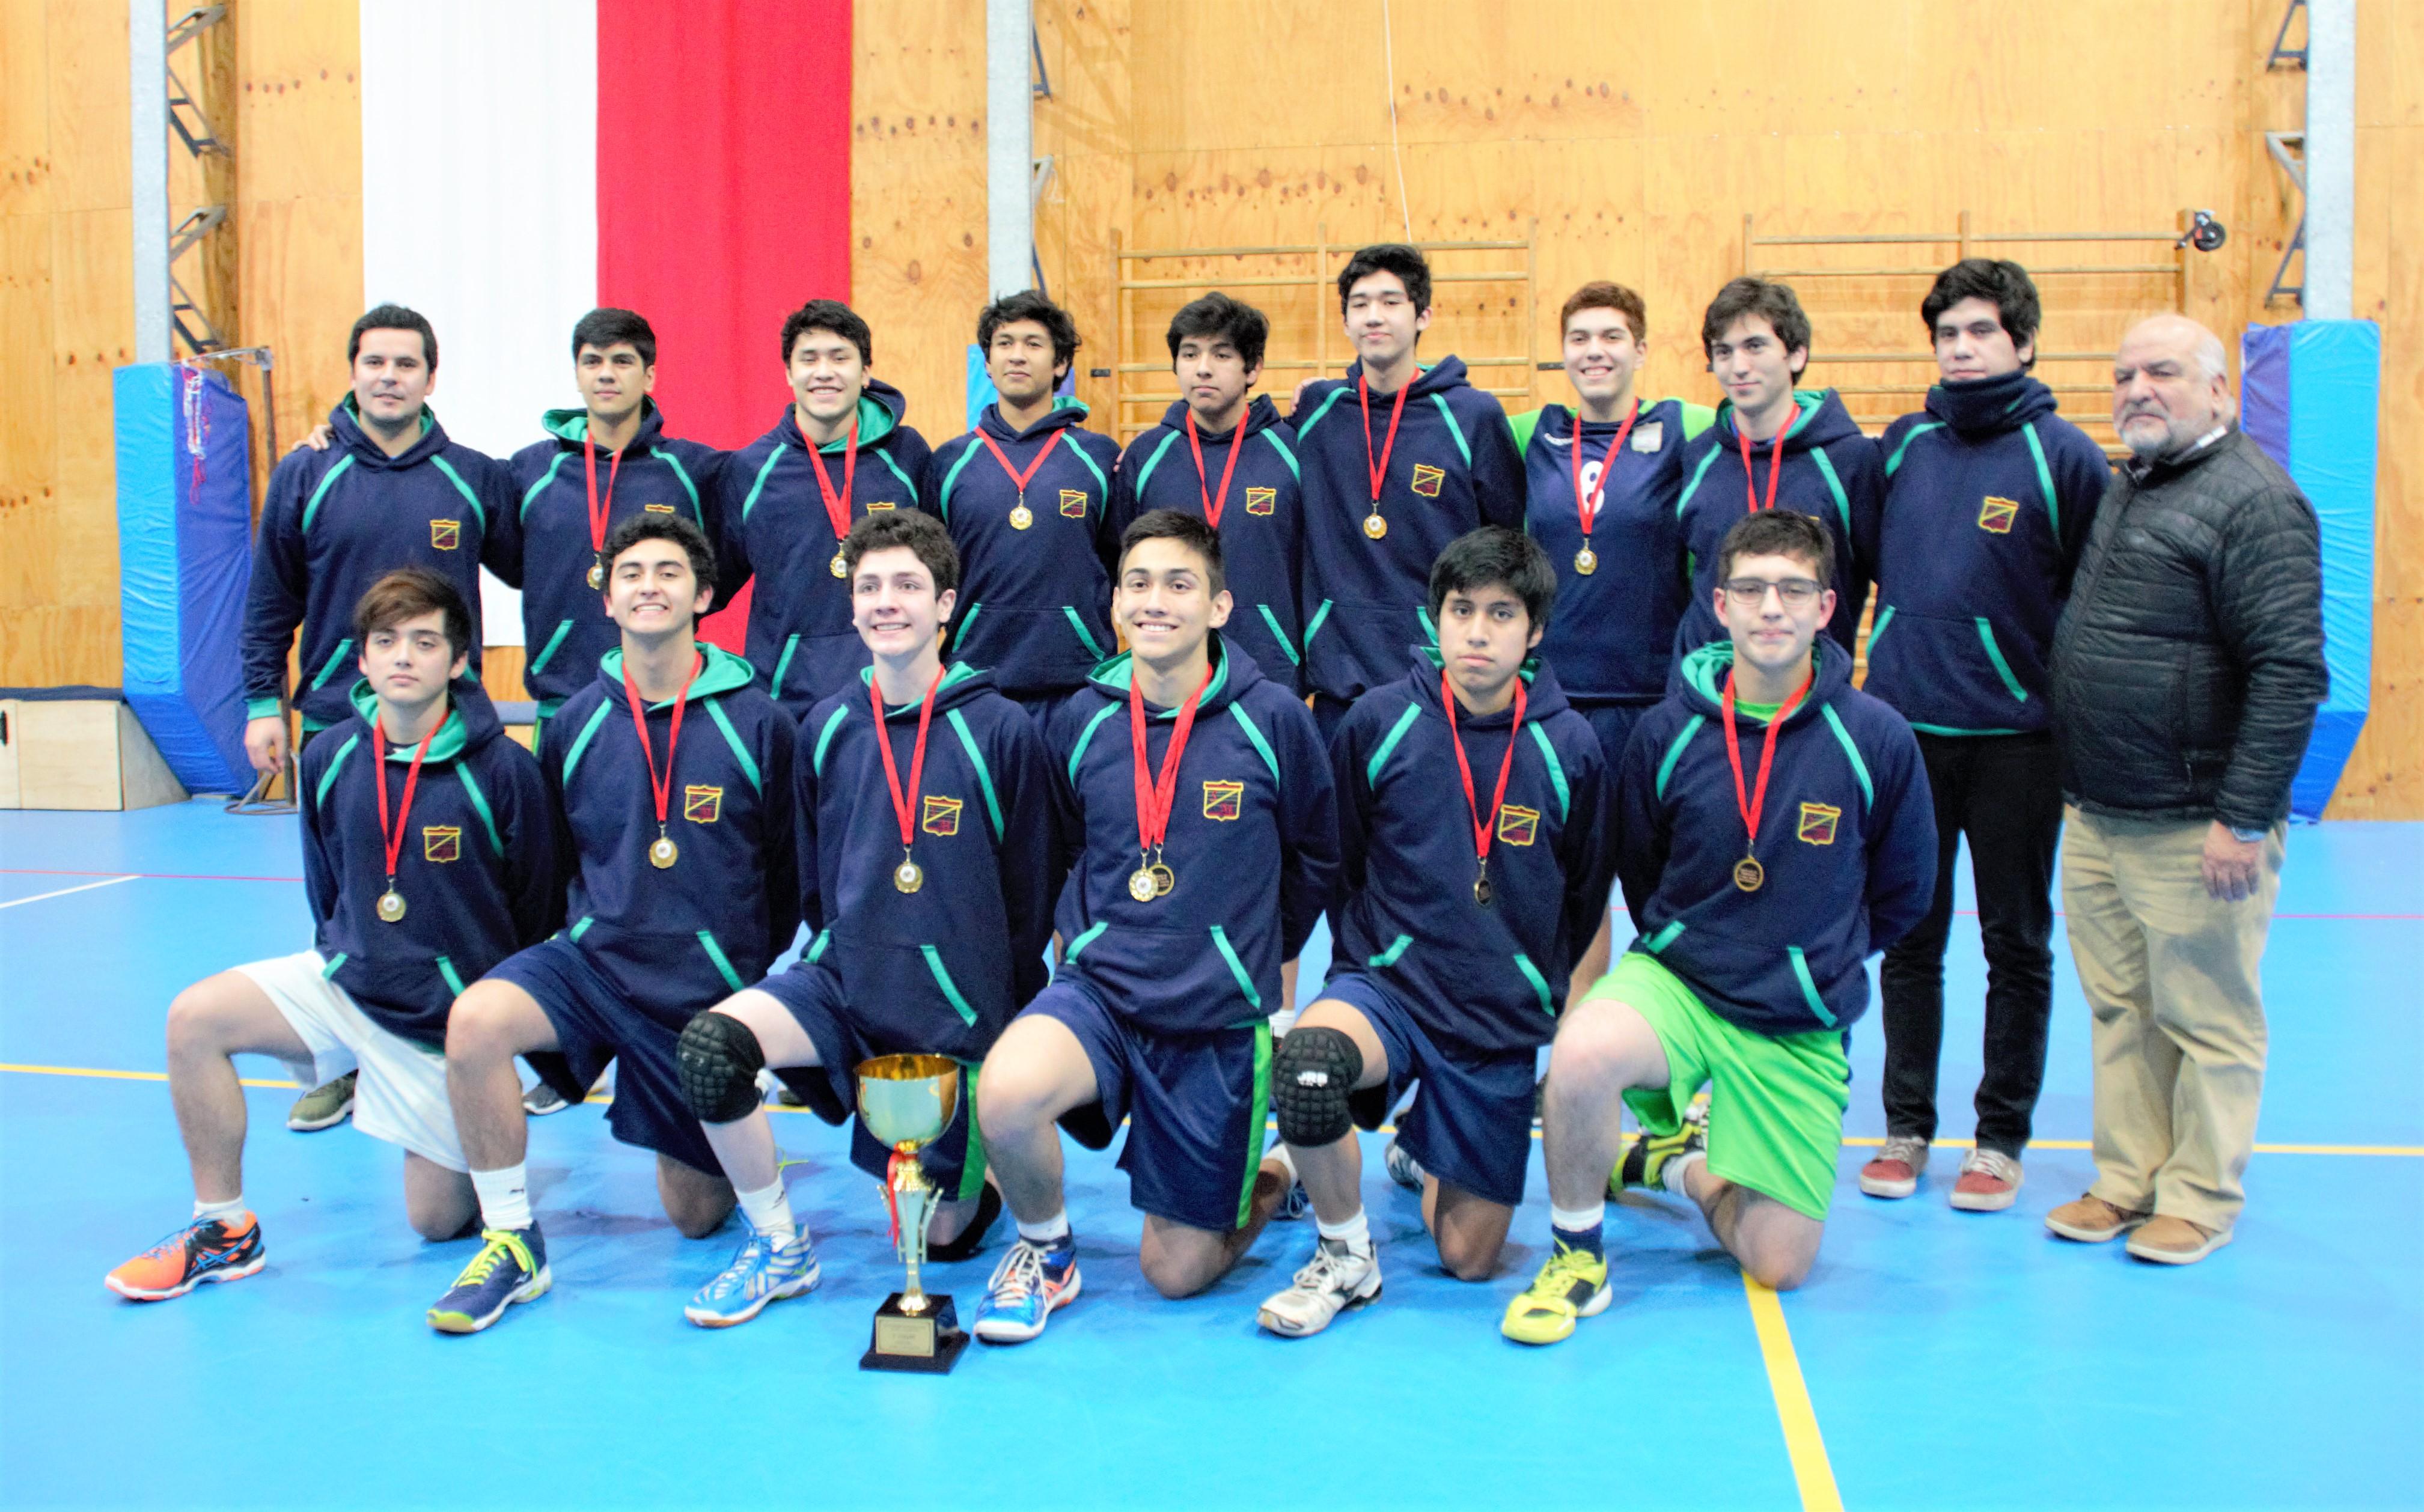 Equipo_Domingo_Santa_María_vencedores_7